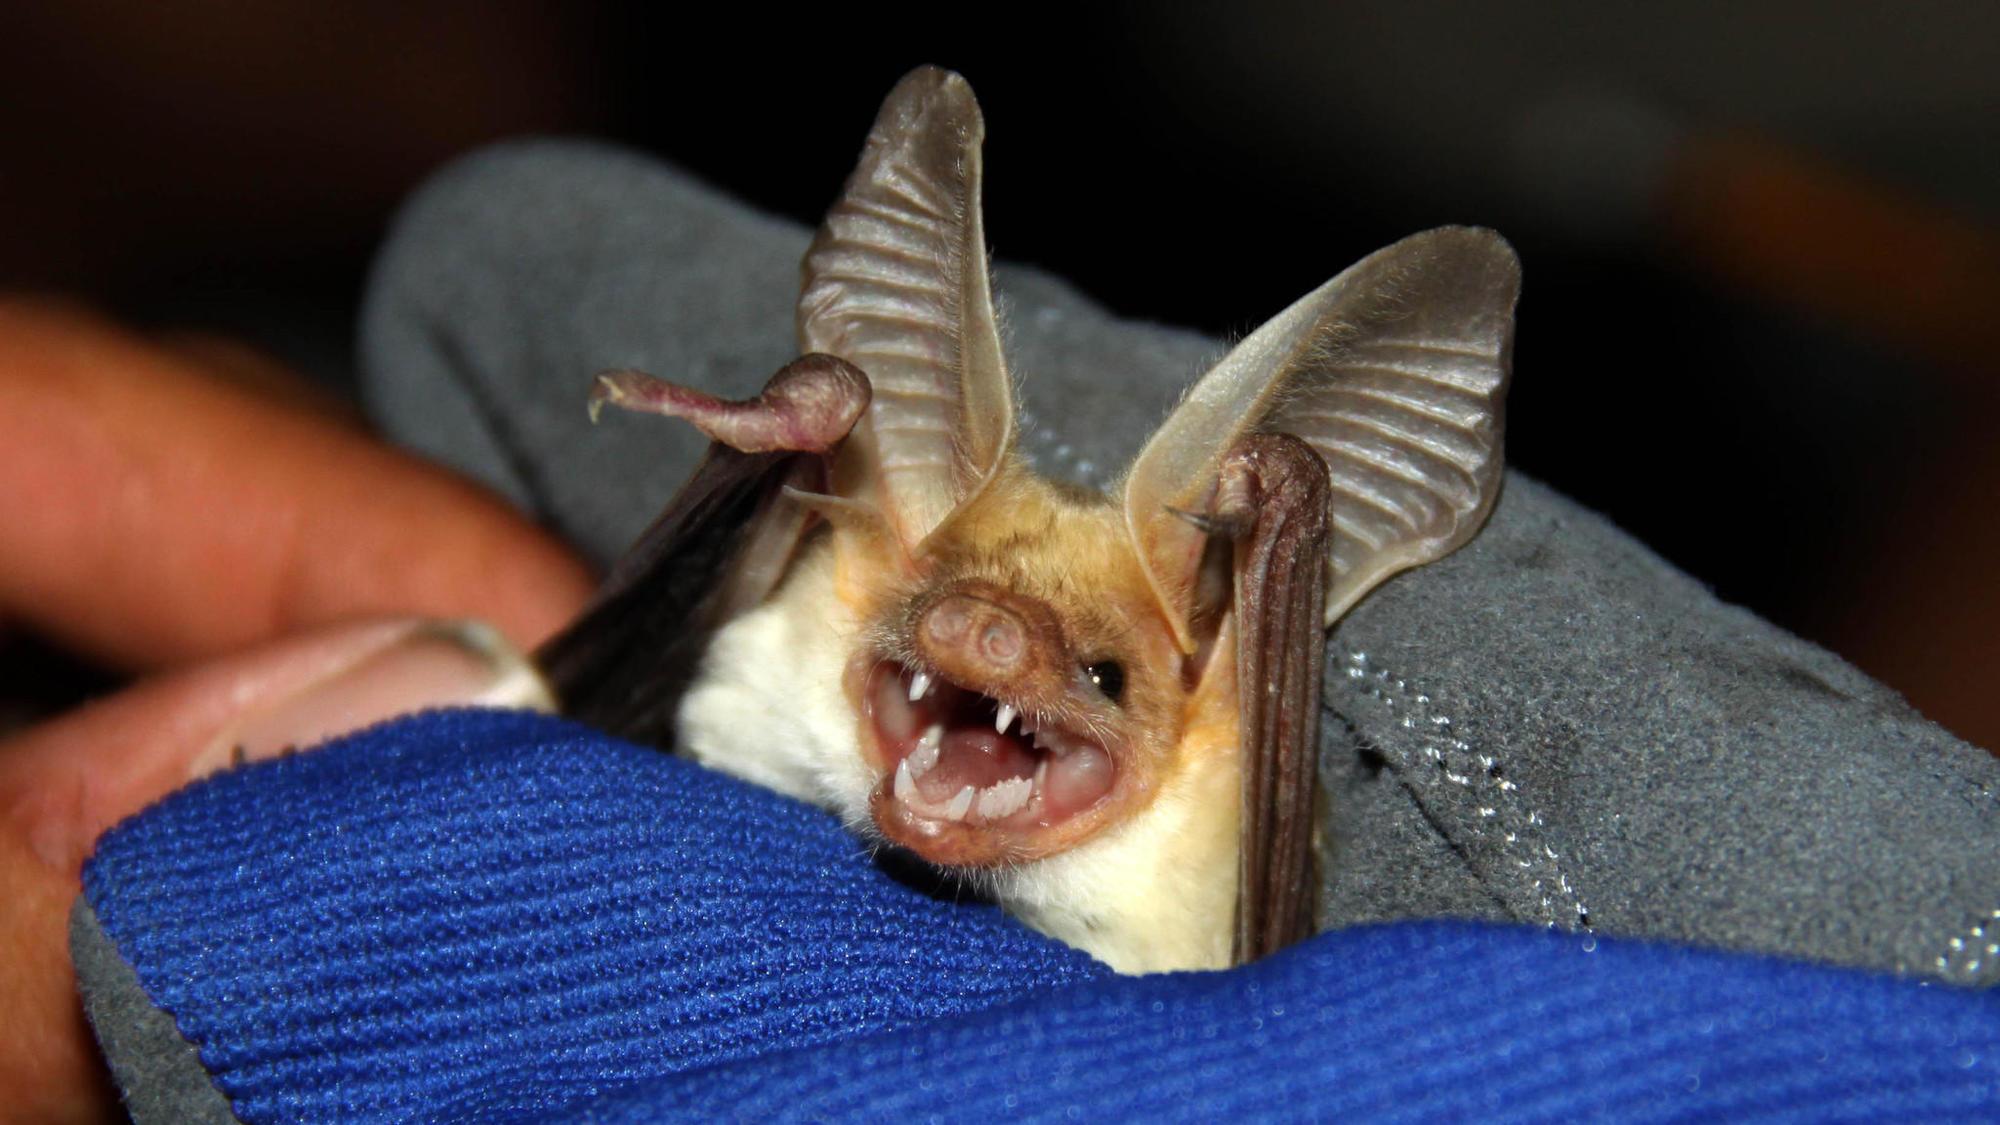 Noises Bats Make